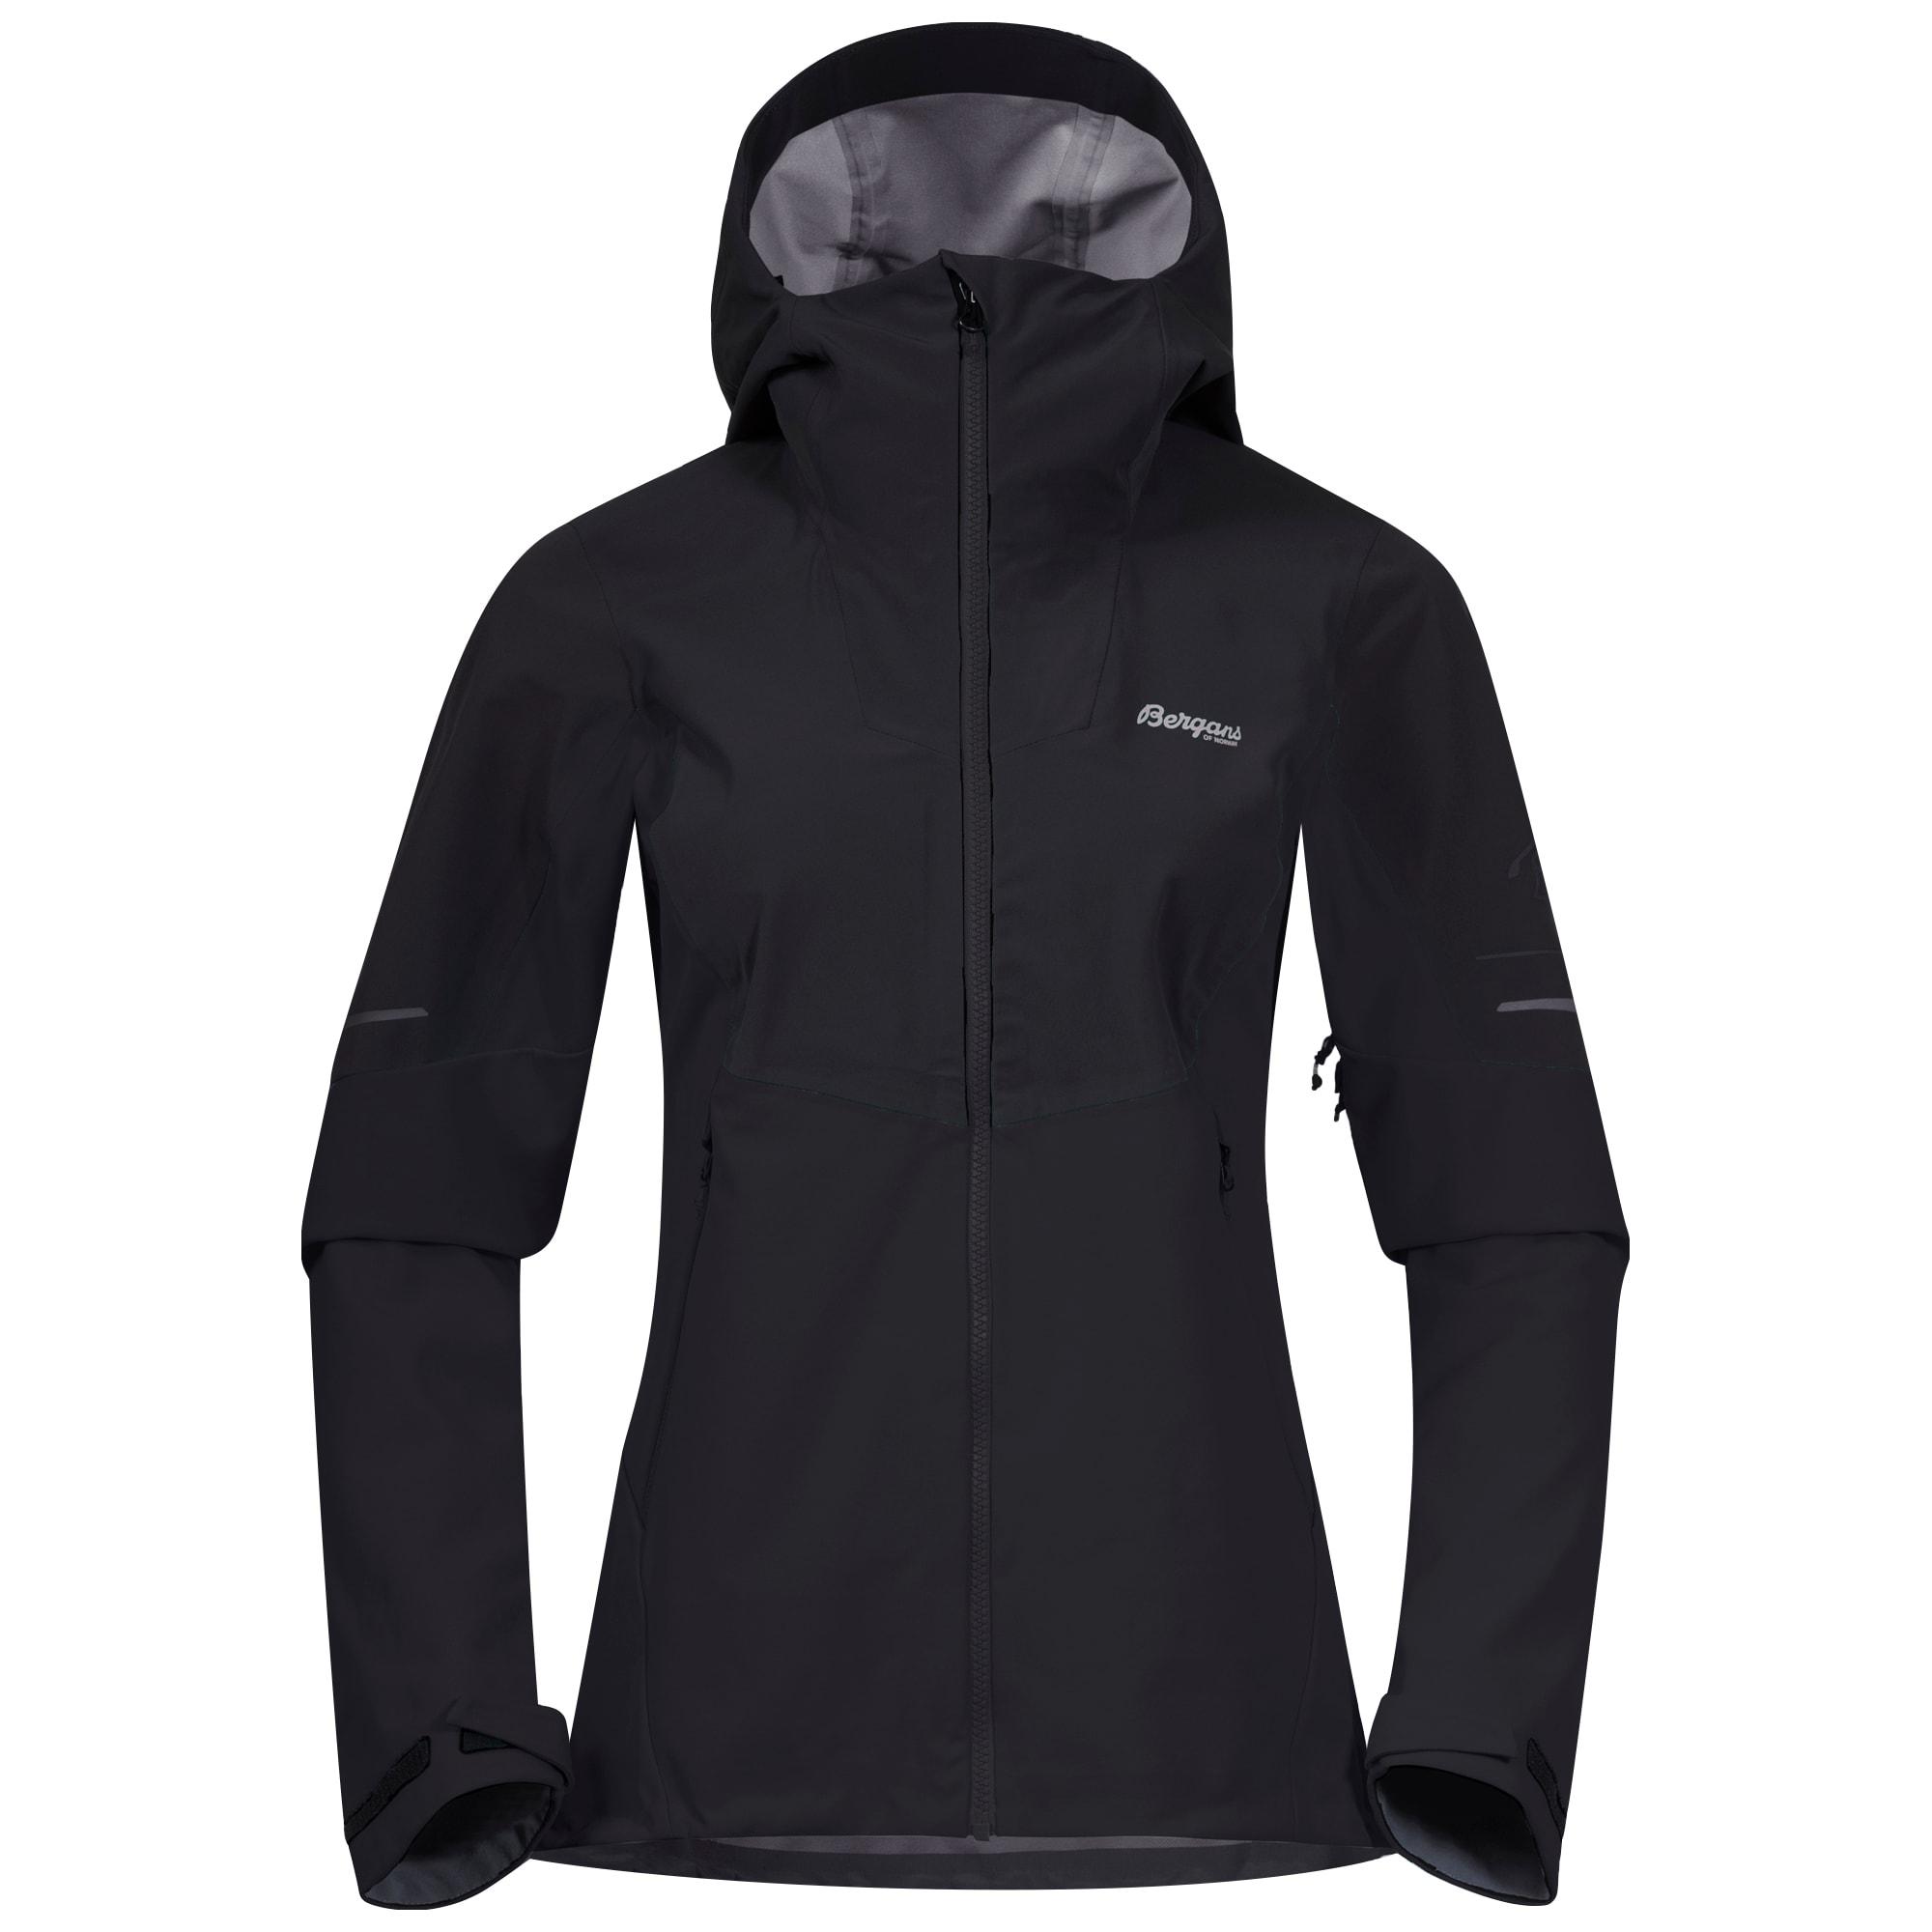 Senja Hybrid Softshell Women's Jacket